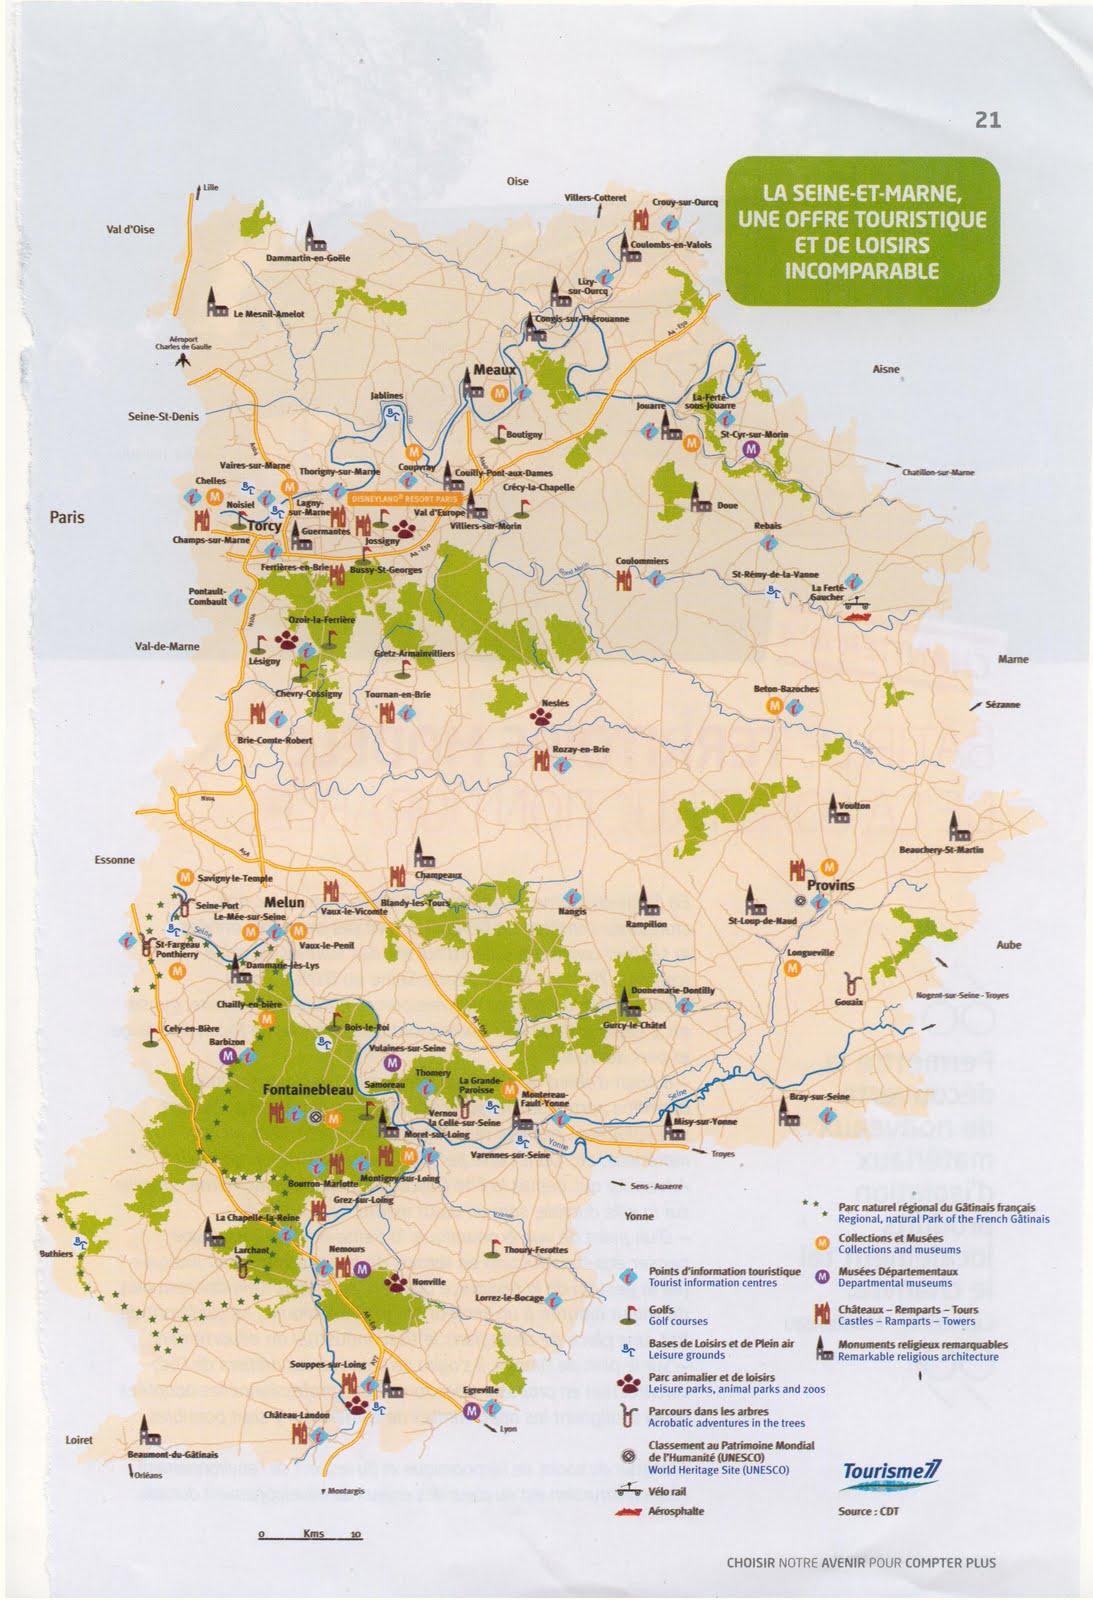 Mes idees de sorties sympa carte touristique de la seine et marne - Office de tourisme sienne ...